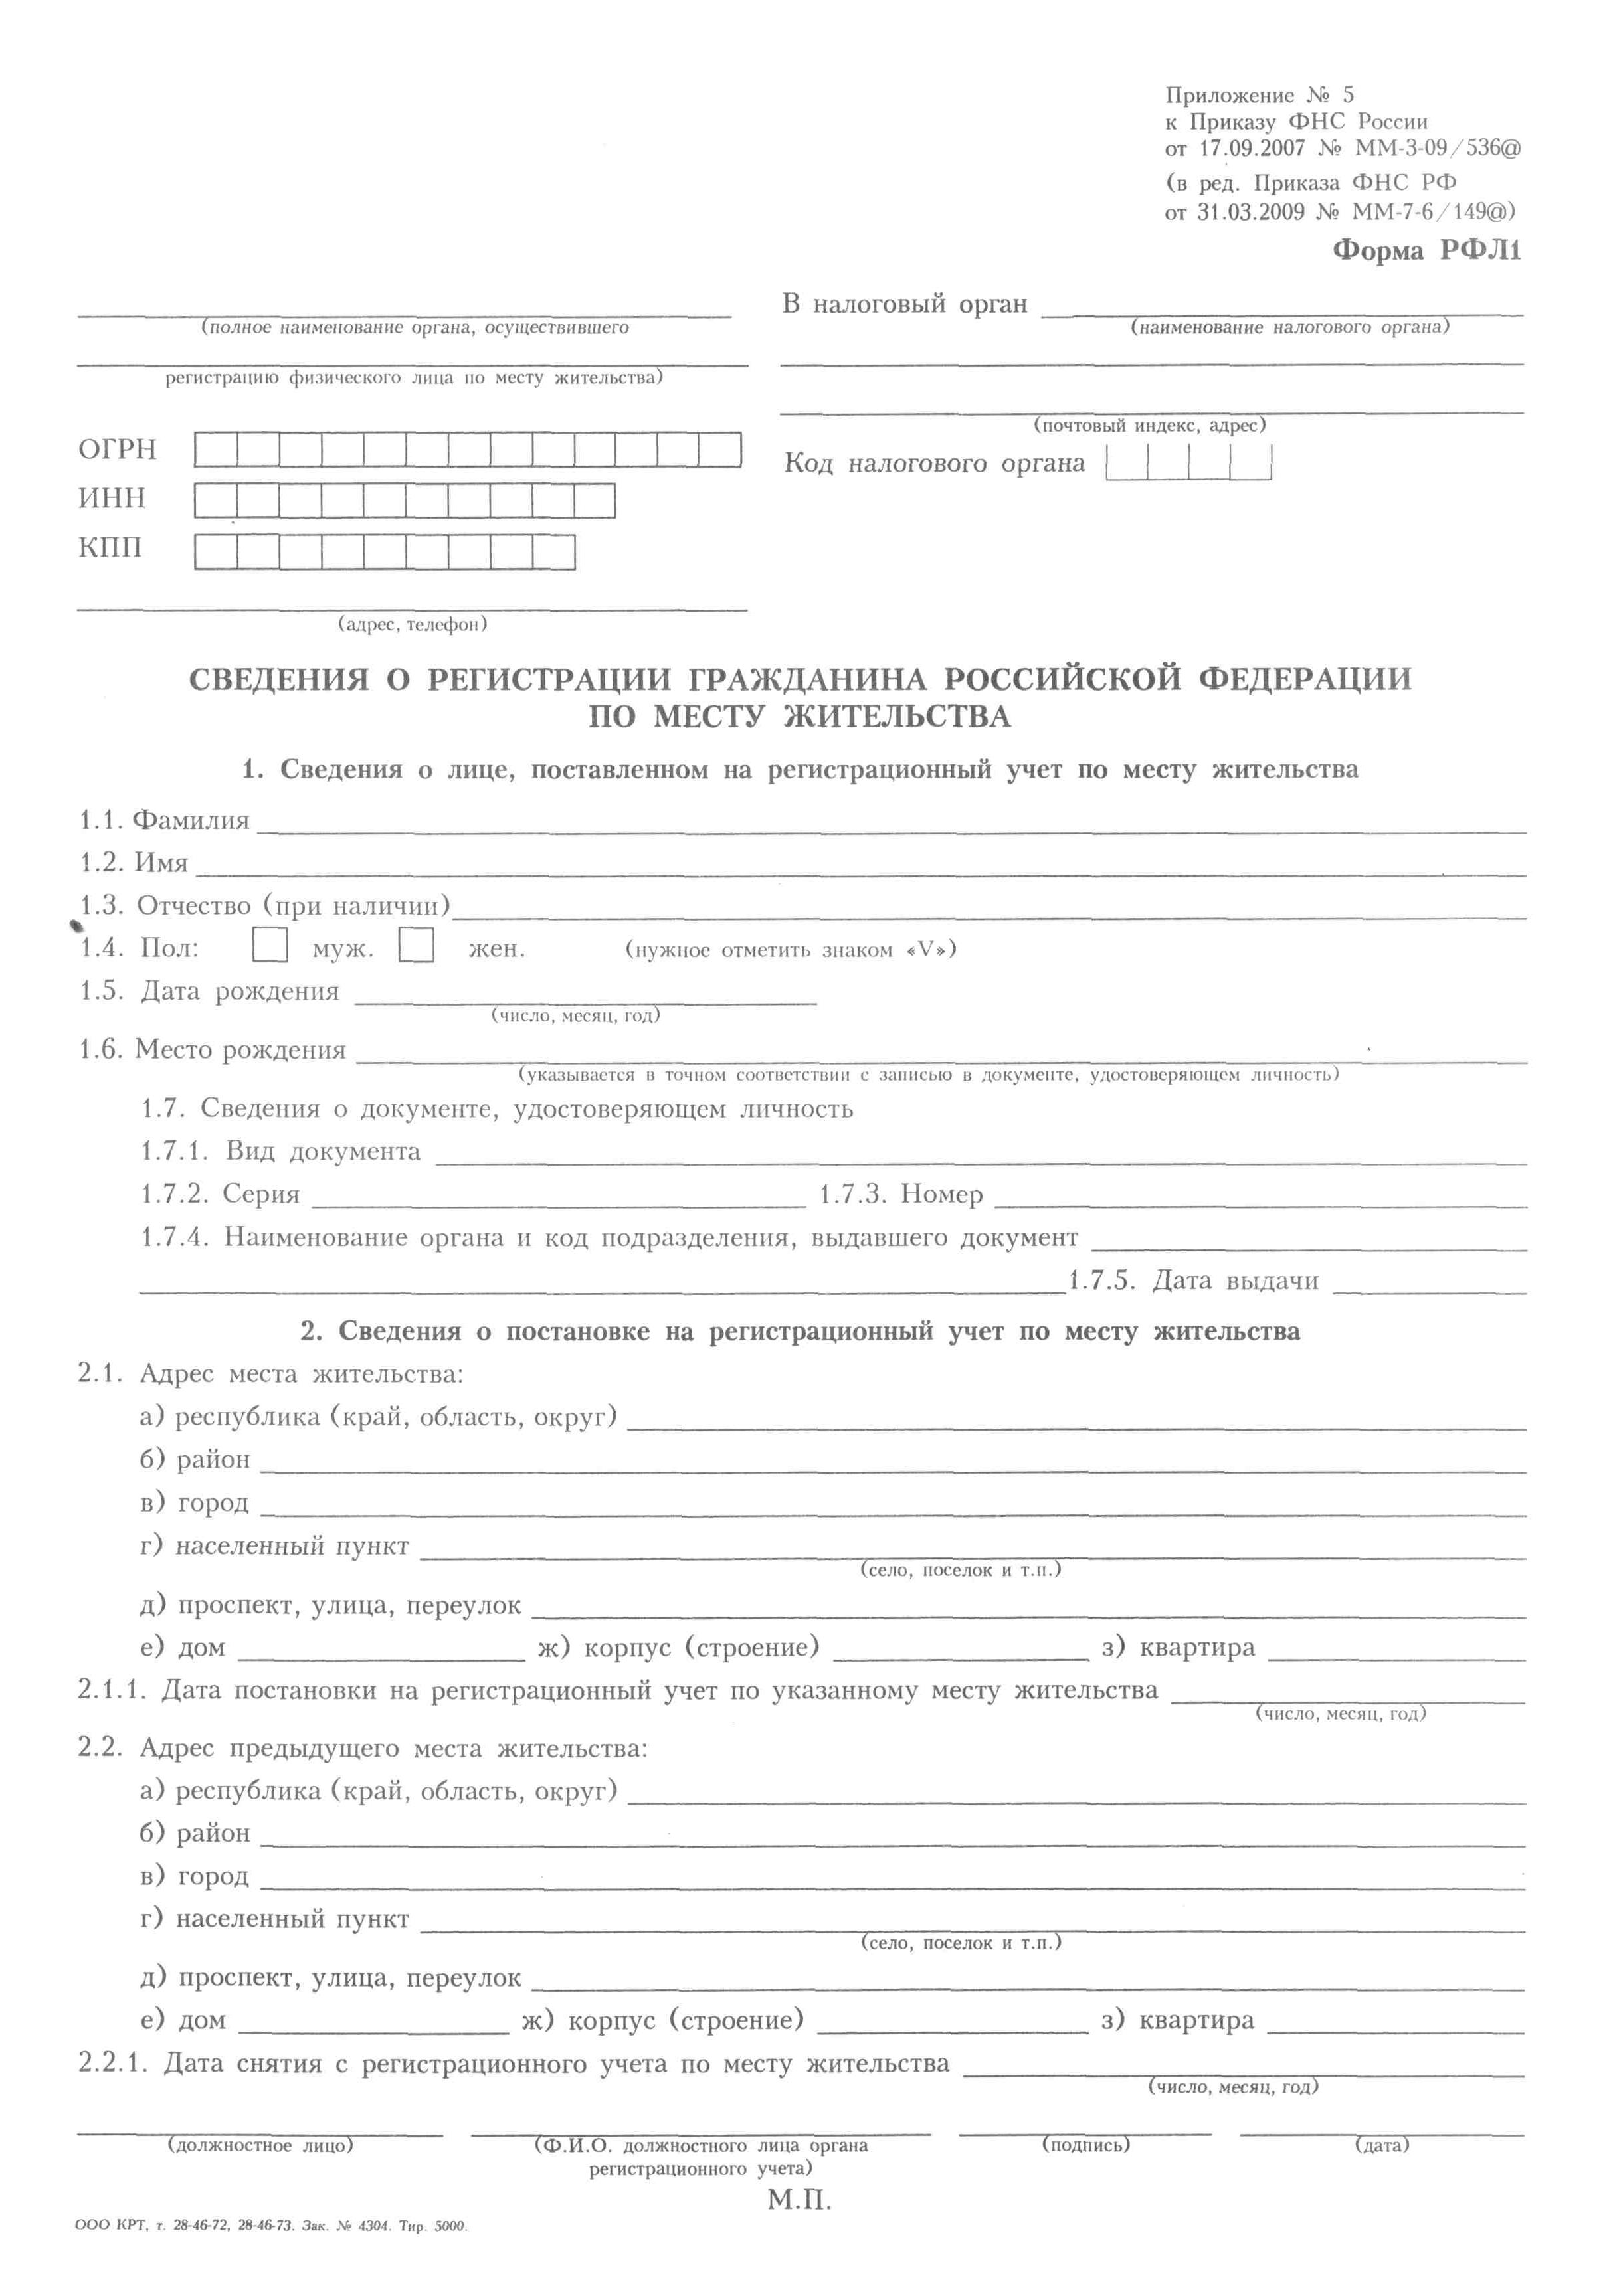 Регистрация по месту жительства для граждан справка временной регистрации спб